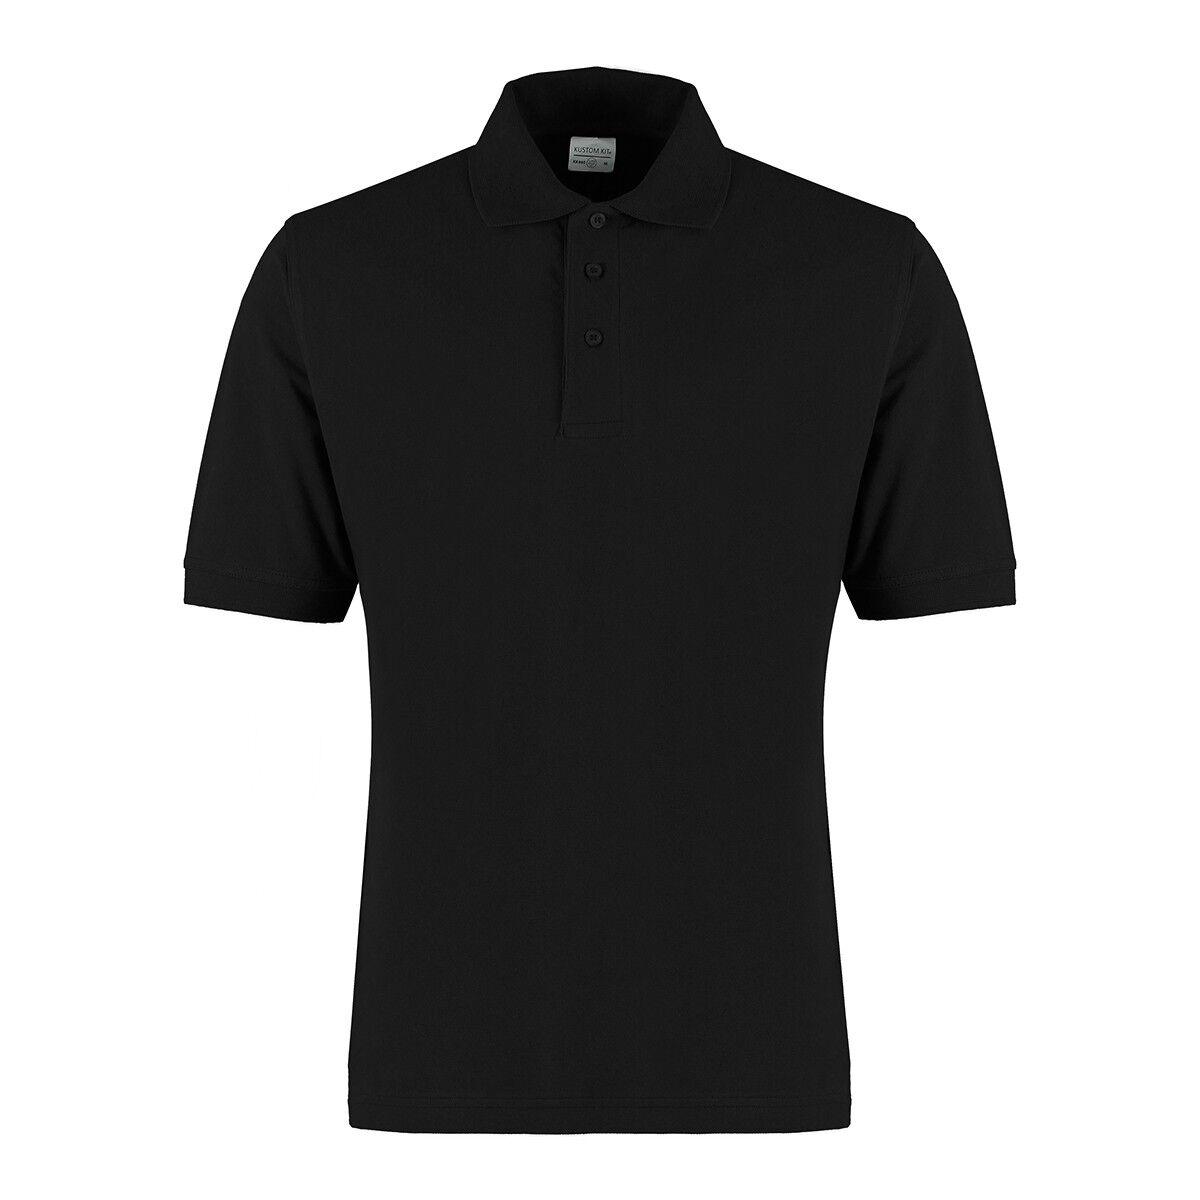 Kutom Kit Cotton Klassic Polo Shirt Black